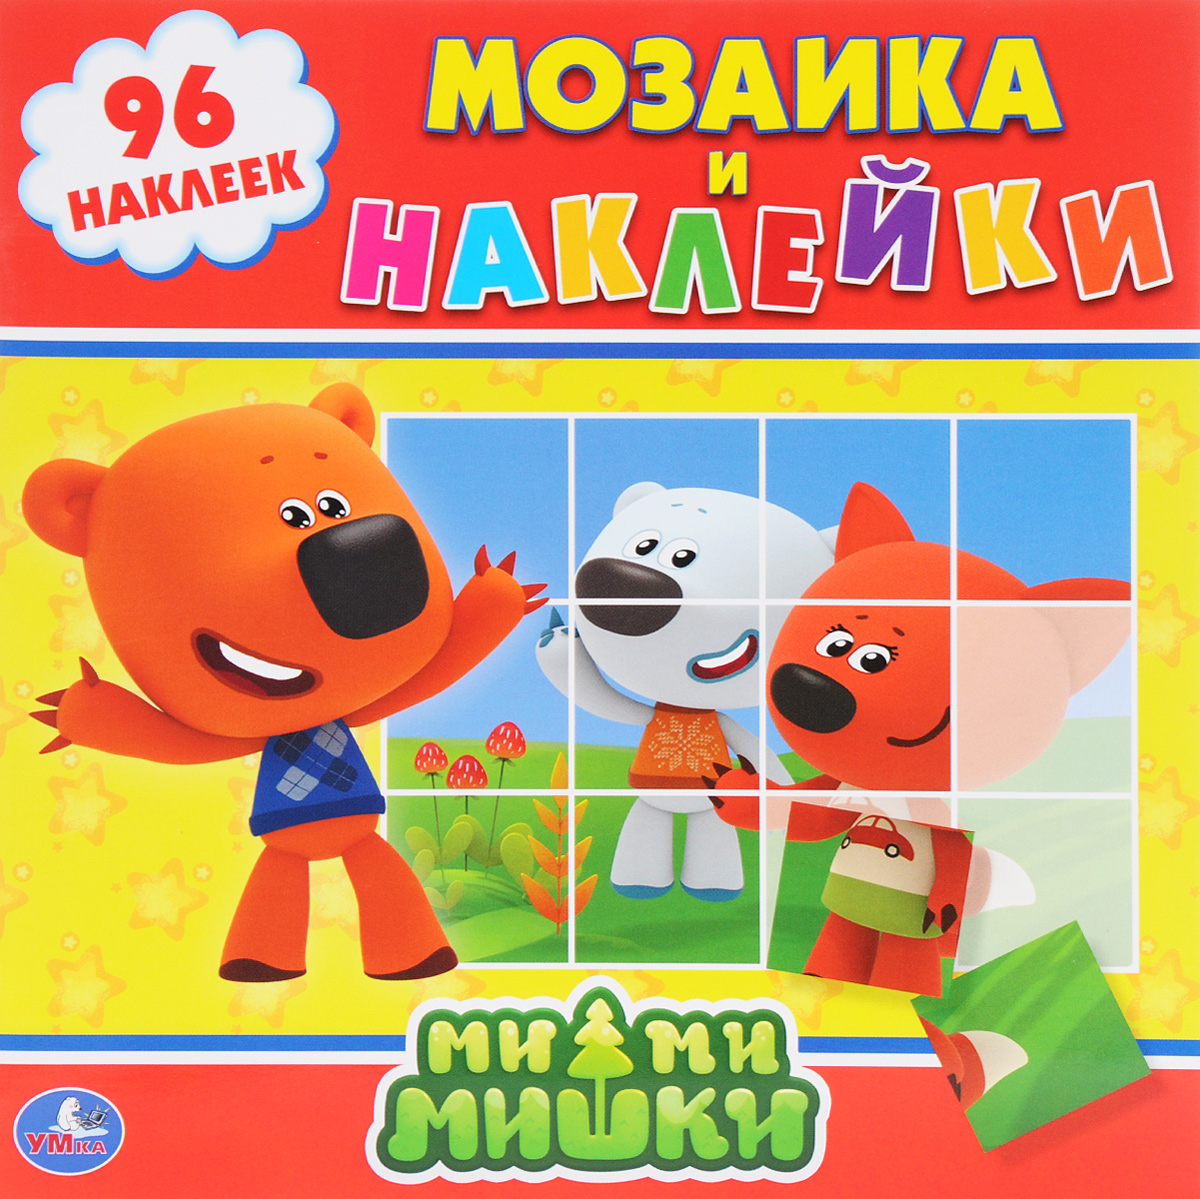 Ми-Ми-Мишки. Мозаика и наклейки (+ 96 наклеек) детские наклейки мозаика синтез кружочки наклей правильно